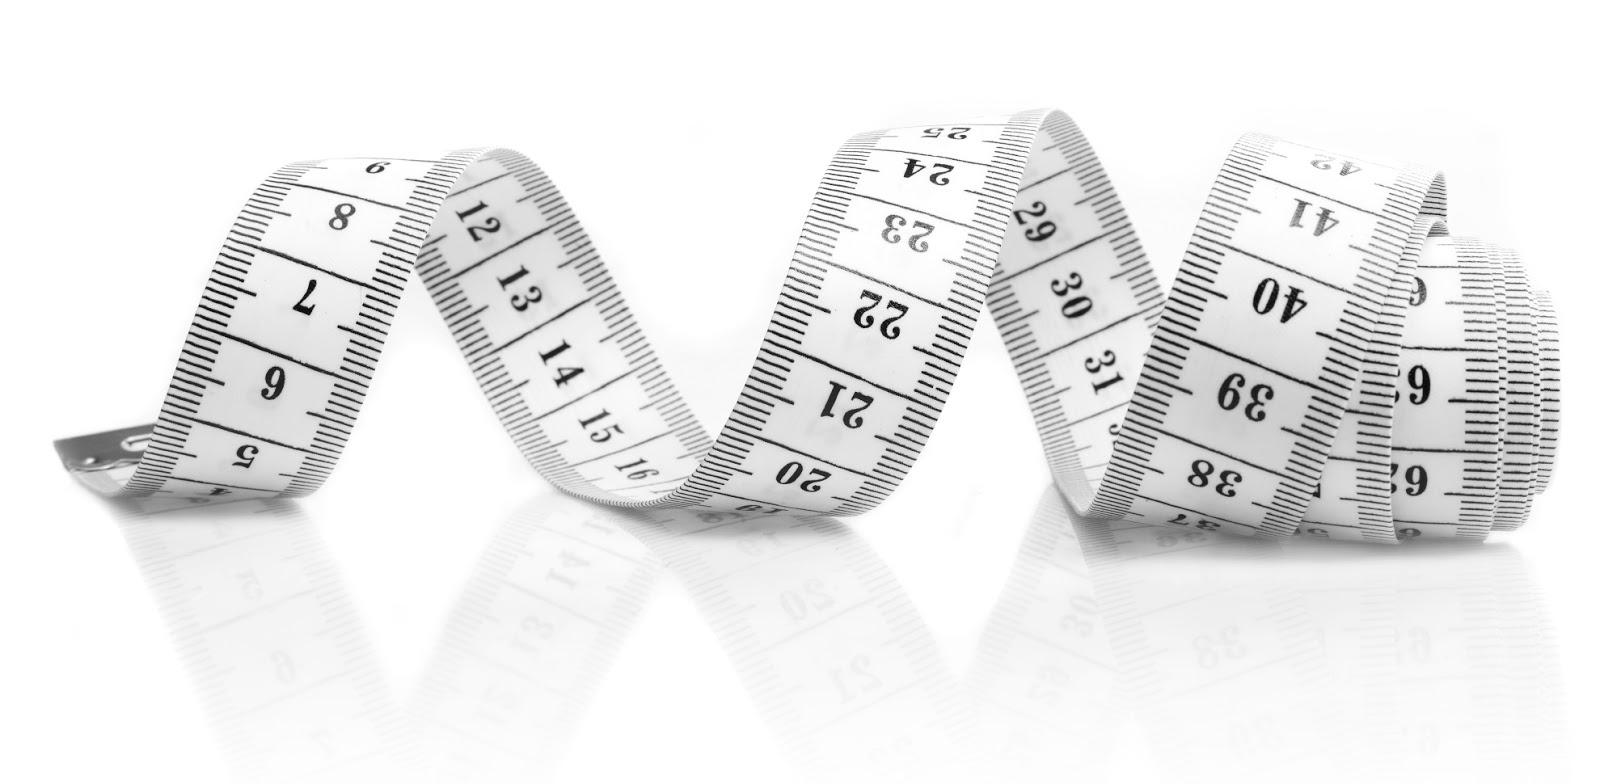 Ile można schudnąć w miesiąc? - Odchudzanie - sunela.eu